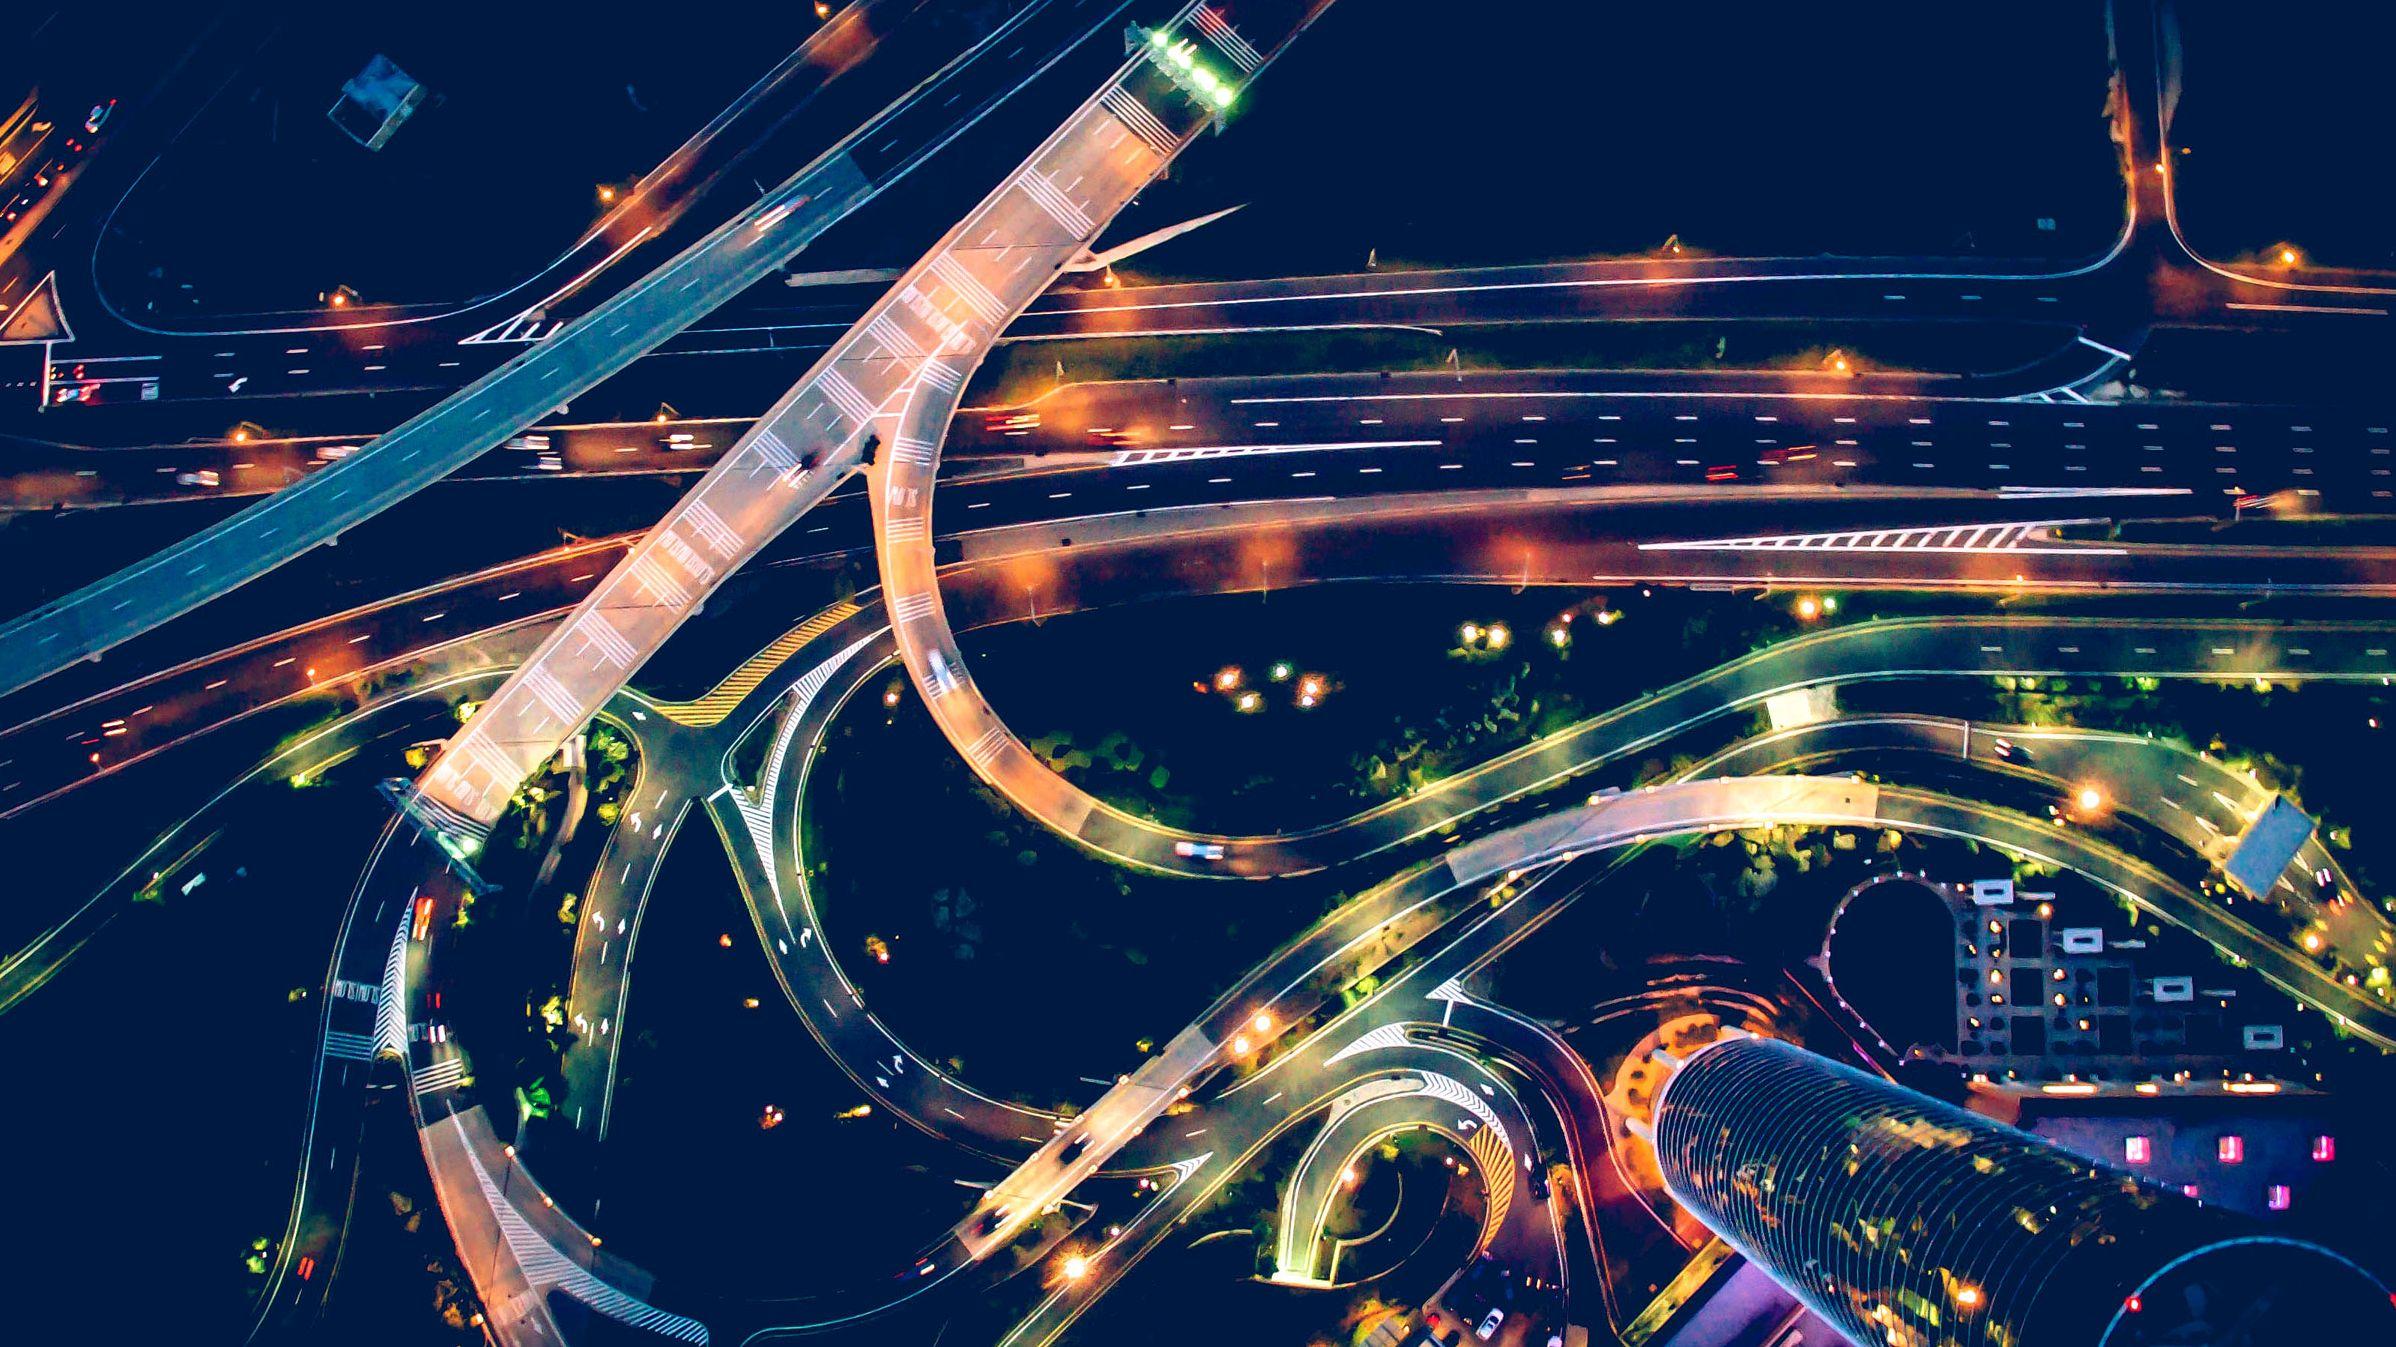 ガソリンスタンドも駐車場も不要になる自動運転革命の衝撃的未来